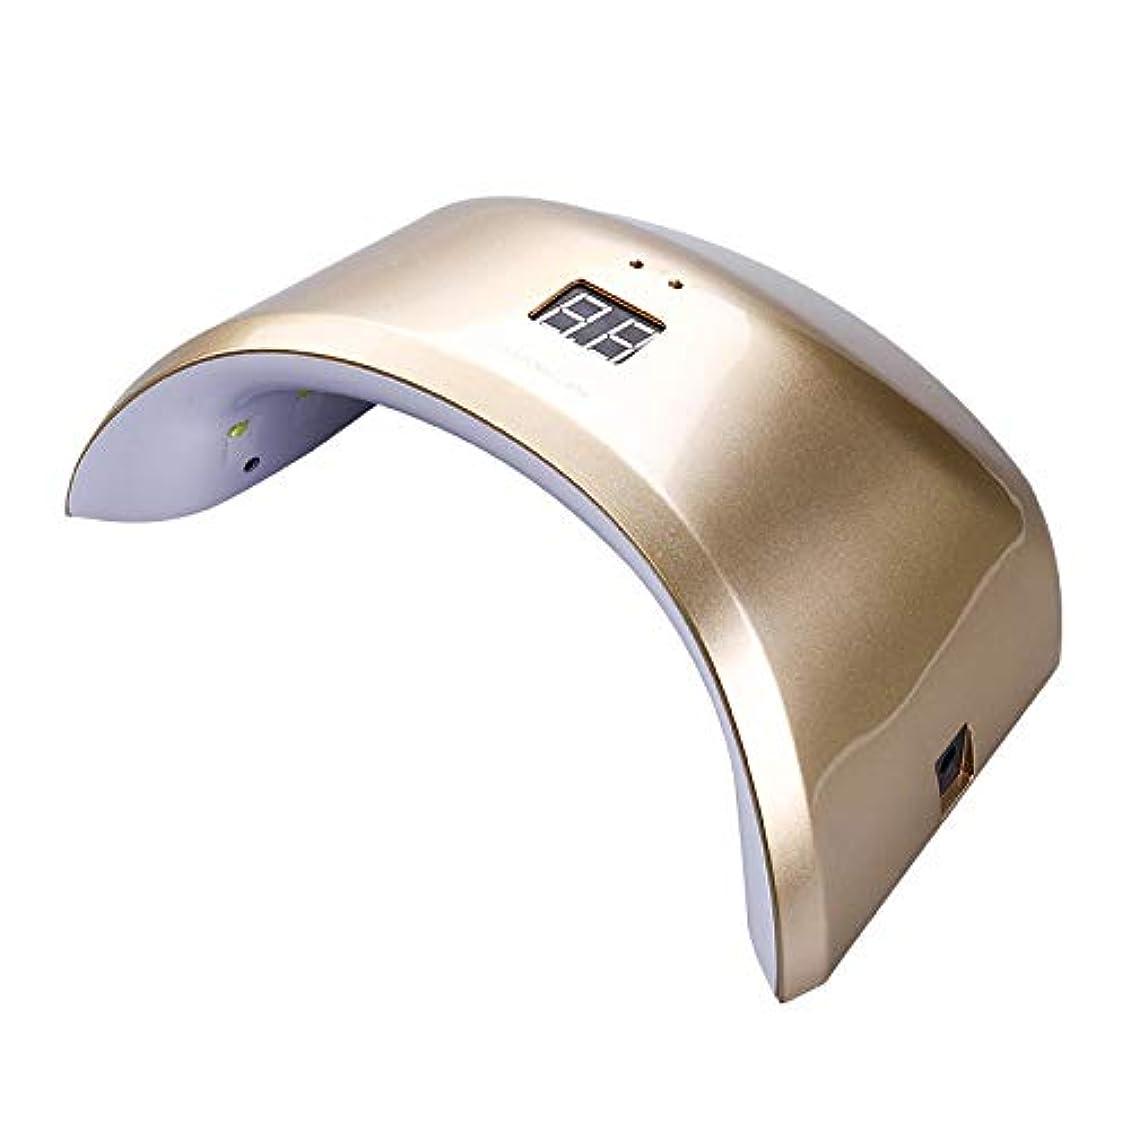 接触集団的アカデミータイマーが付いている24W紫外線LEDライトランプのゲルの釘のドライヤー、ゲルの釘およびつま先の釘の治療法のためのセンサー